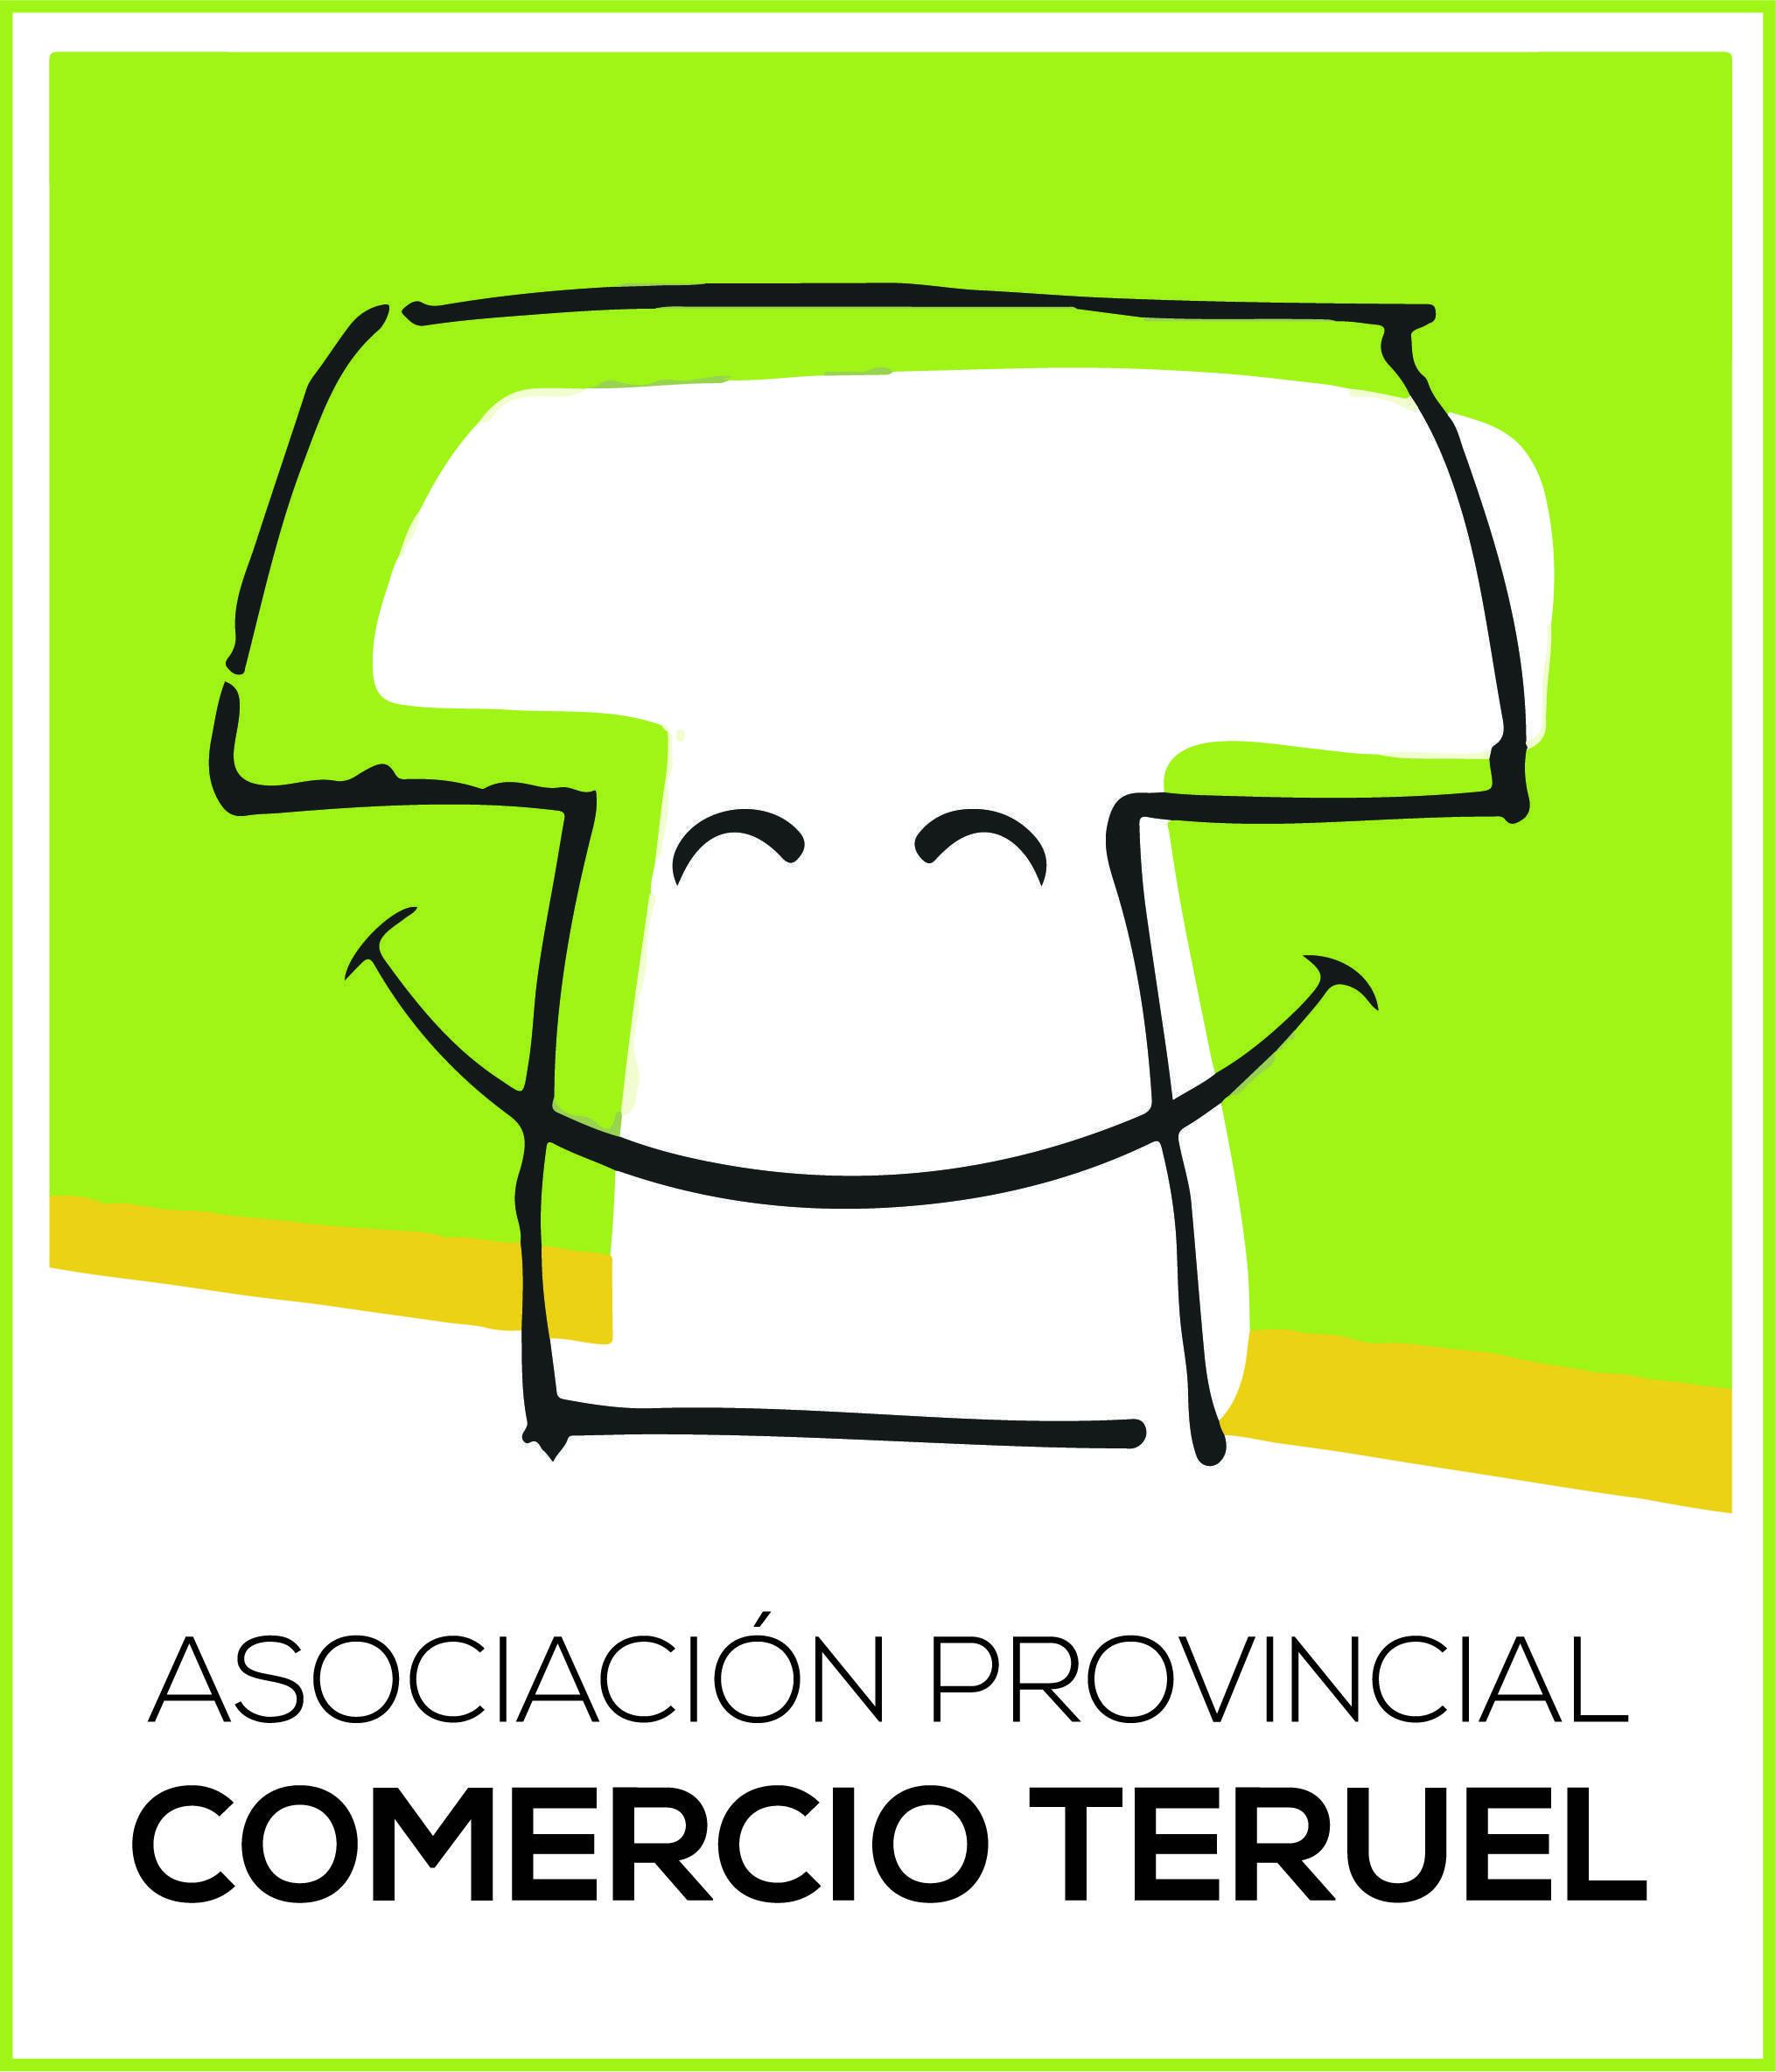 Comenzamos el Blog de Comercio Teruel